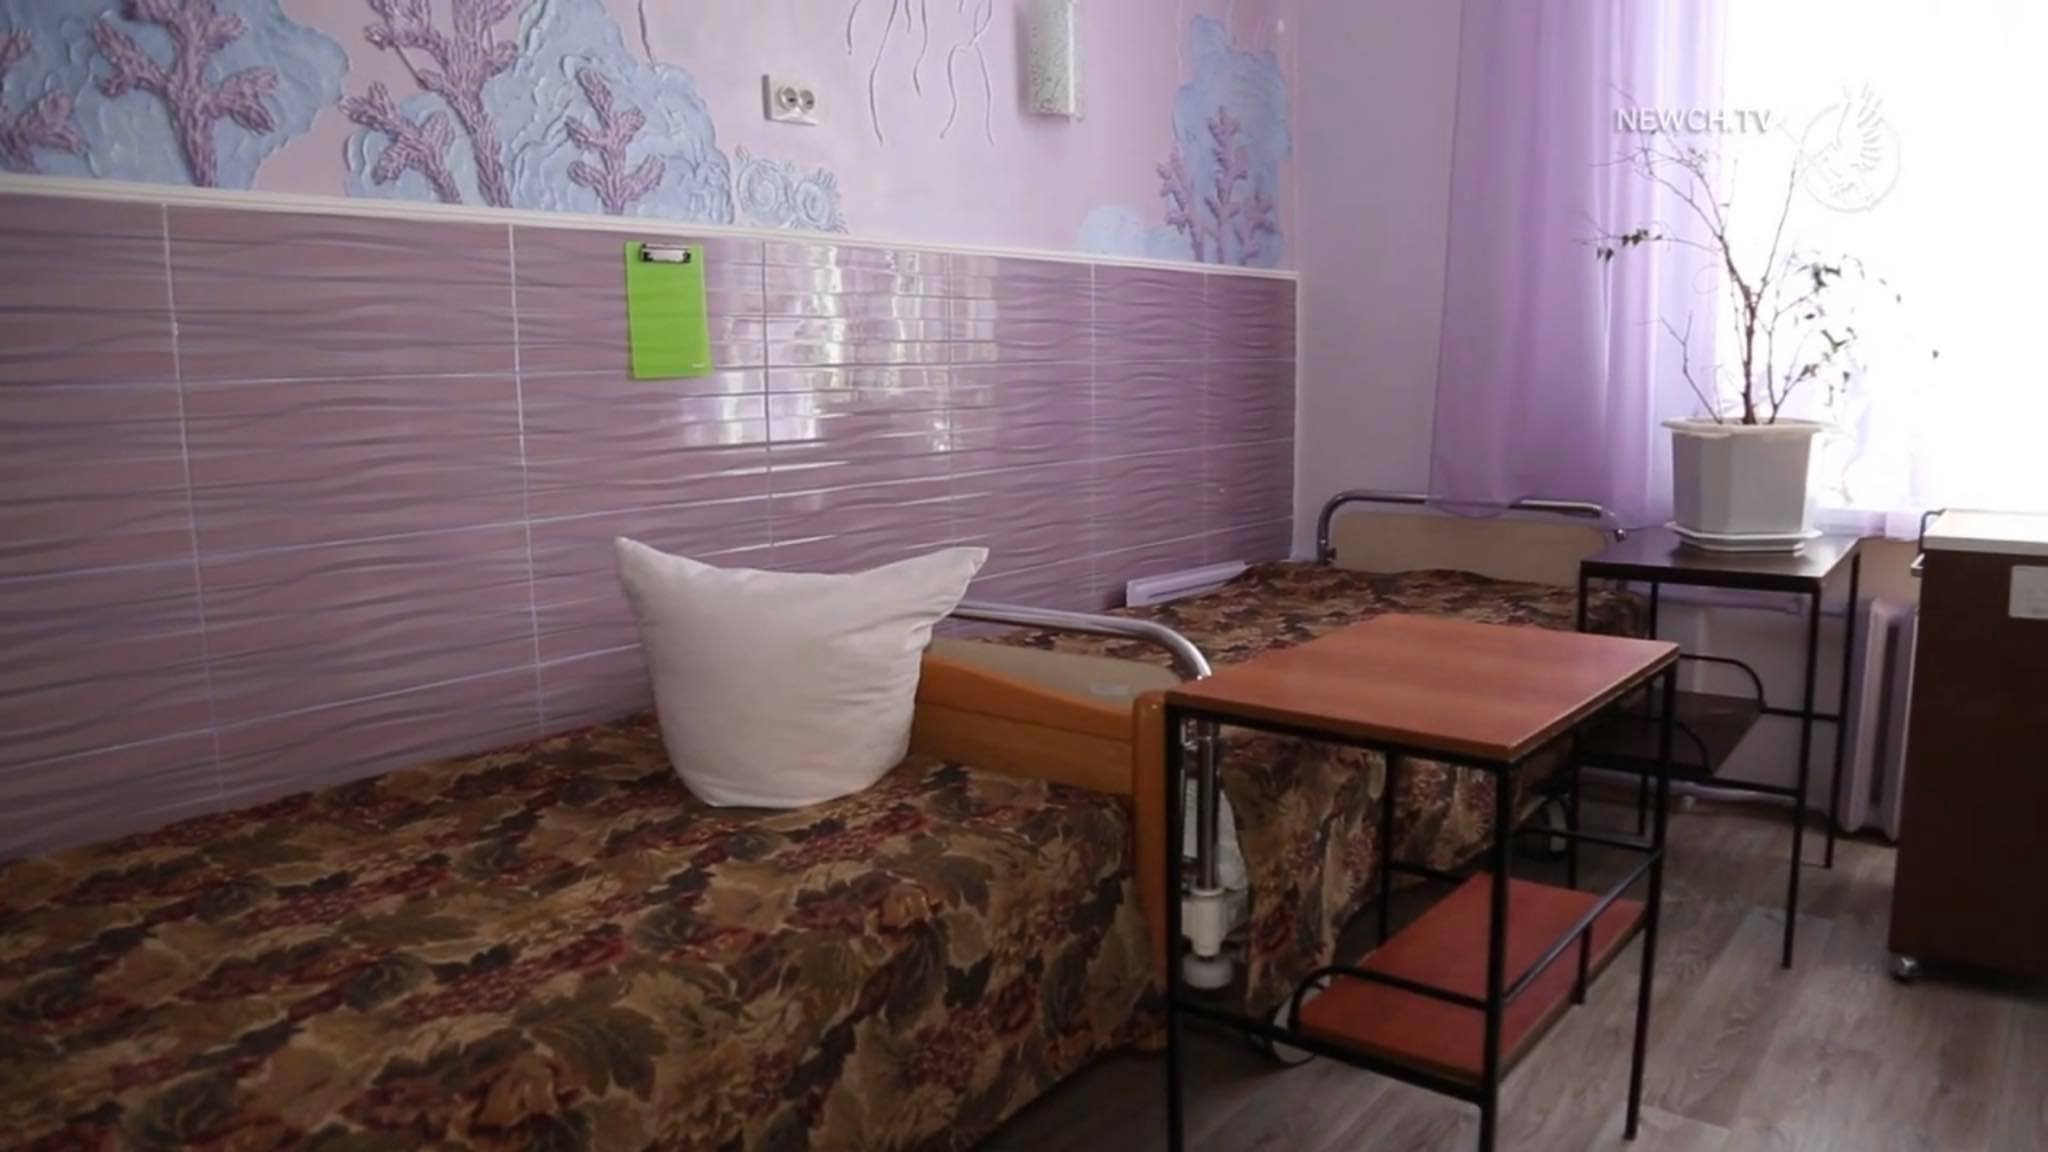 За рік майже 500 пацієнтів: у Чернігові діє єдине хоспісне відділення. ФОТО